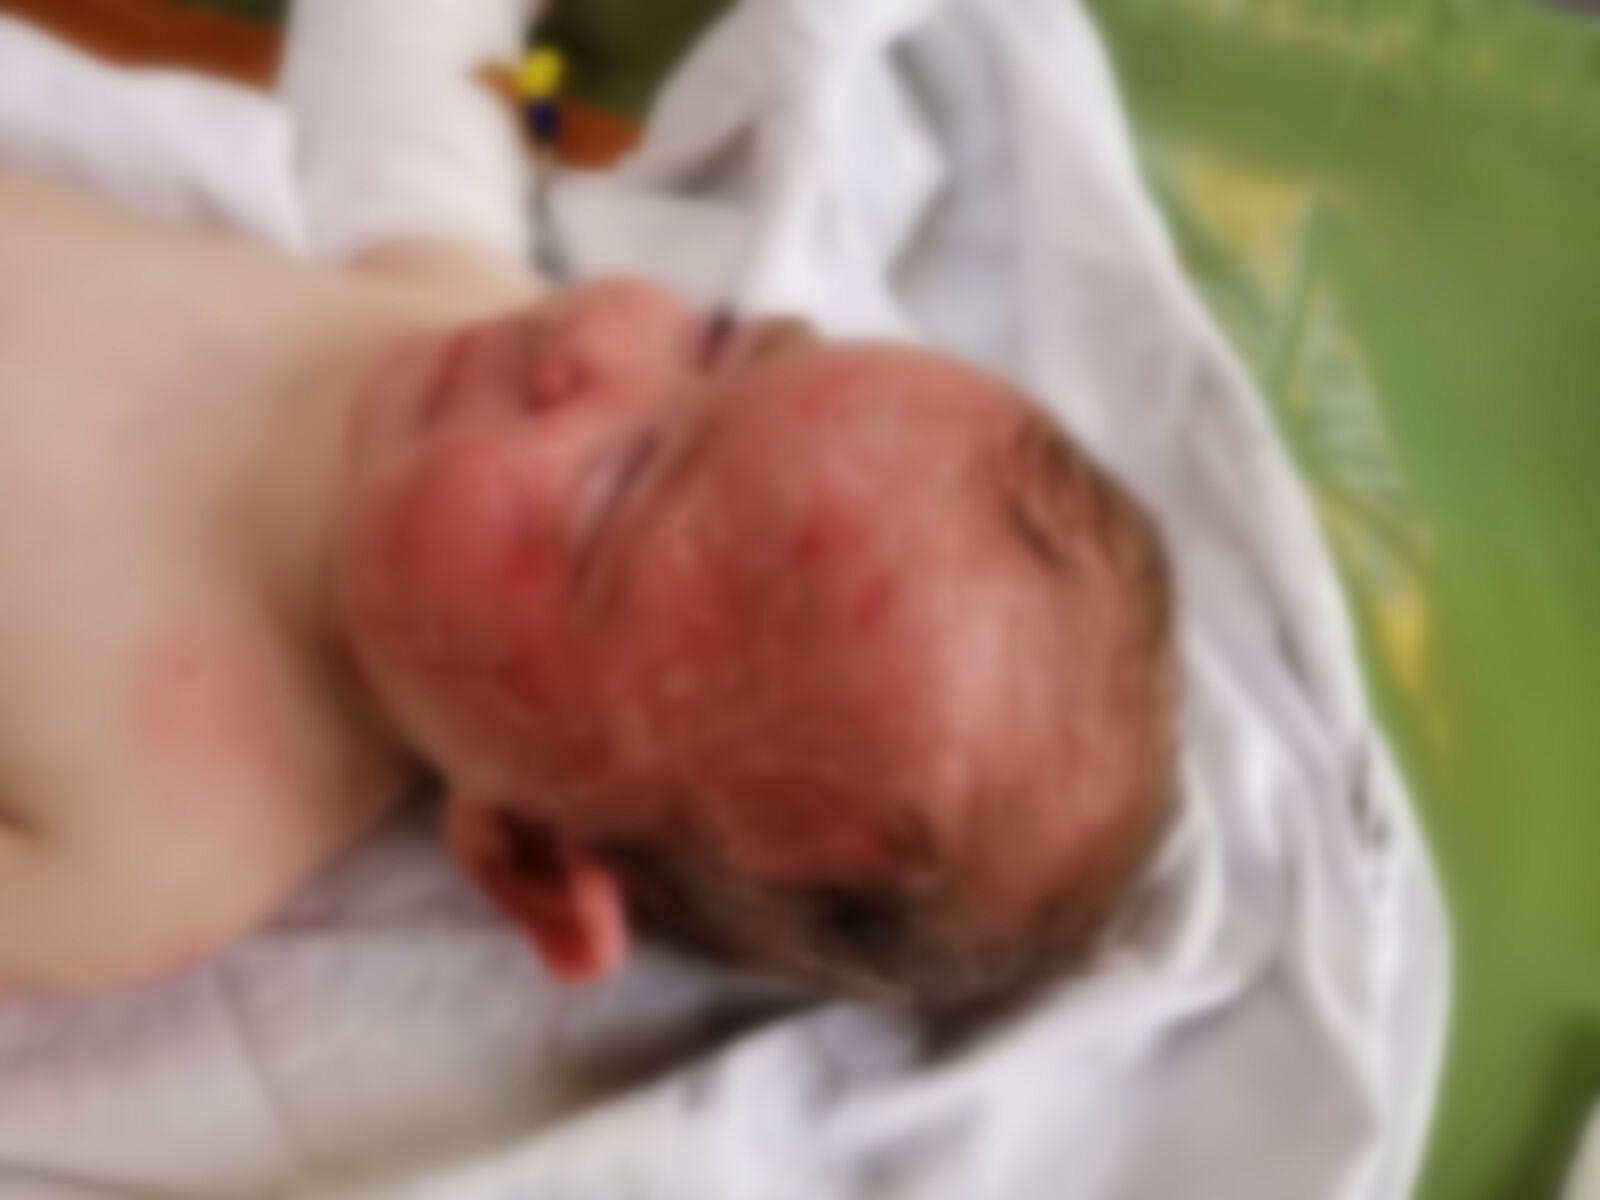 9-месячная Анна Мартыненко получила сильные ожоги